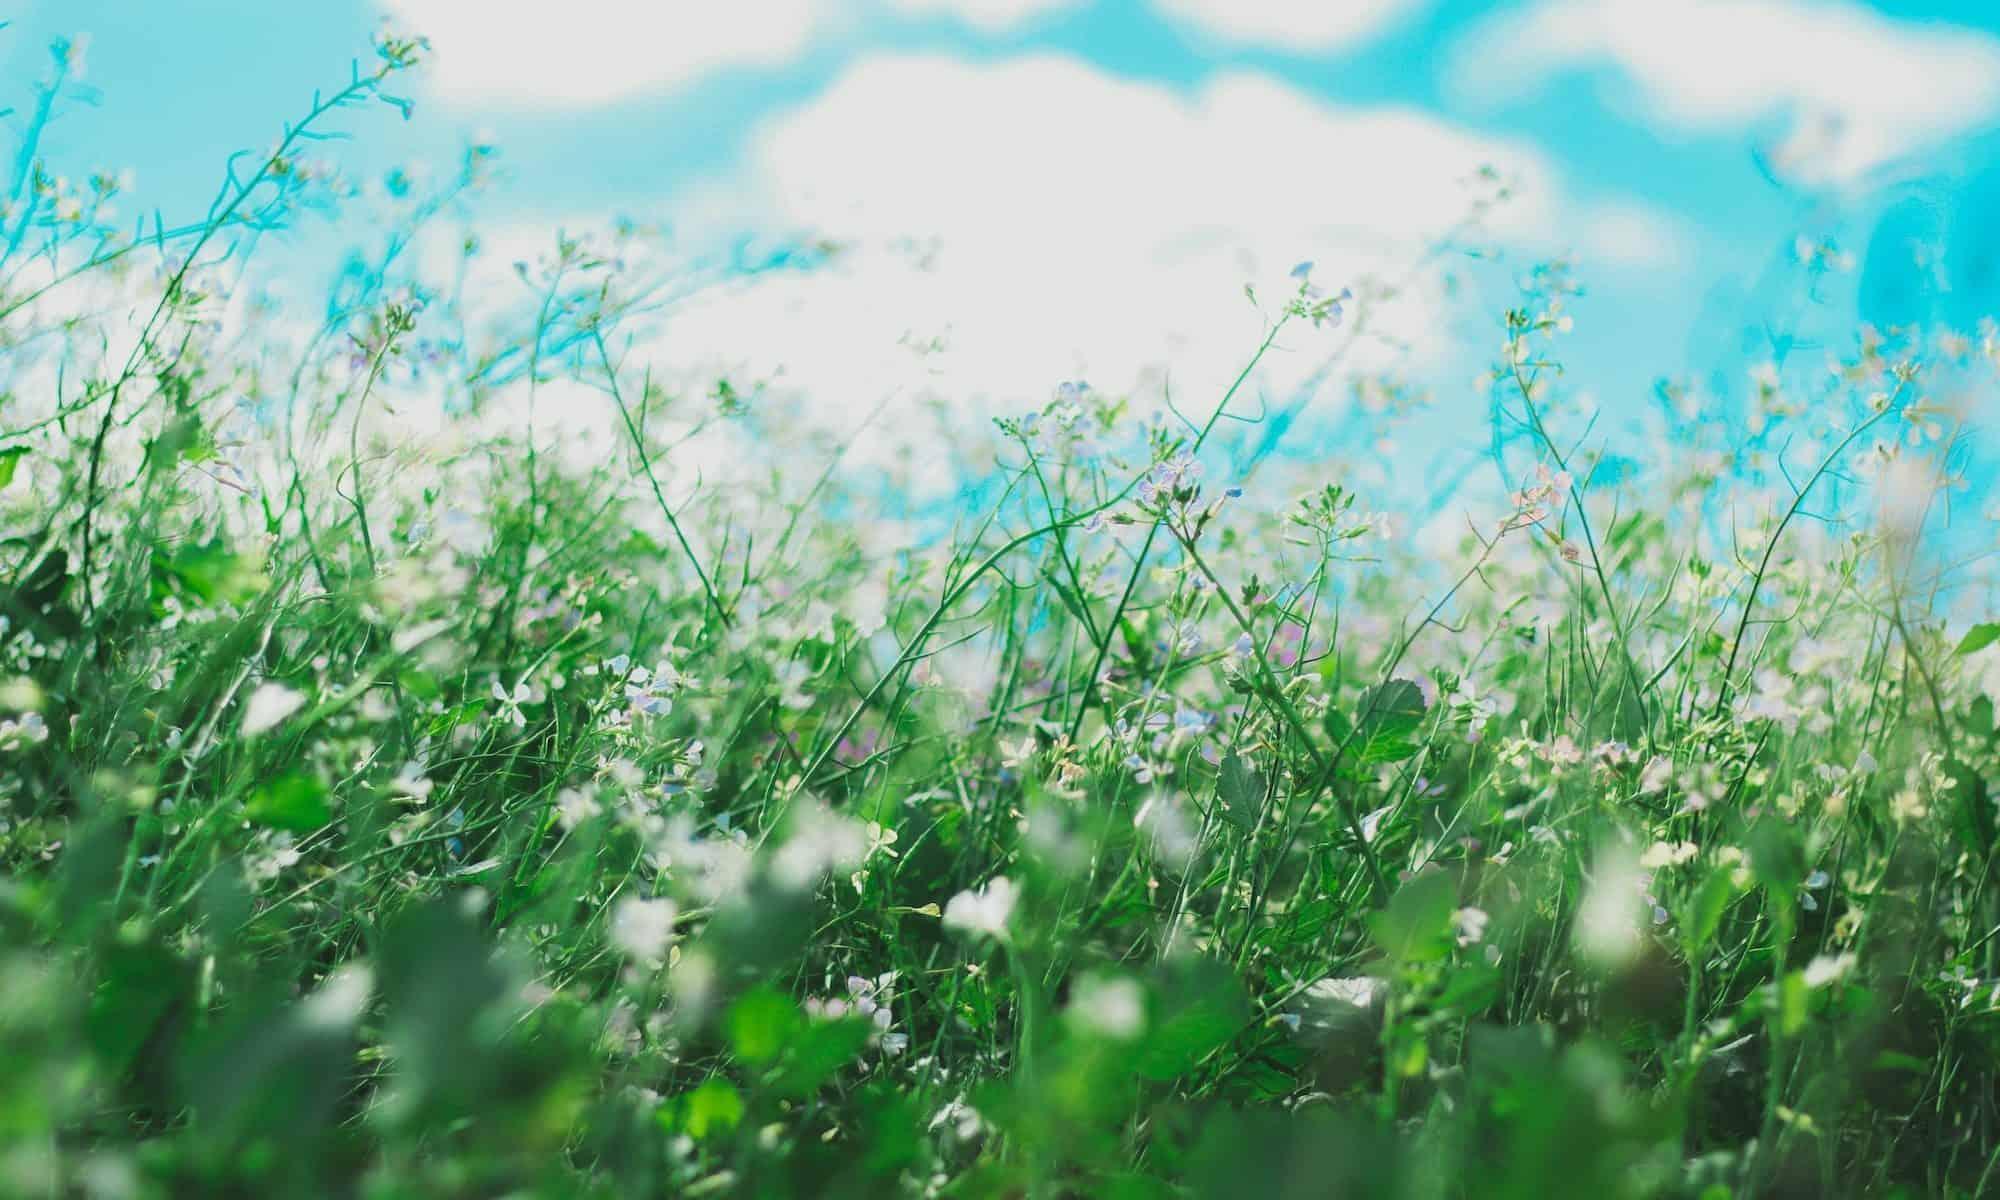 flowers that cause seasonal allergies